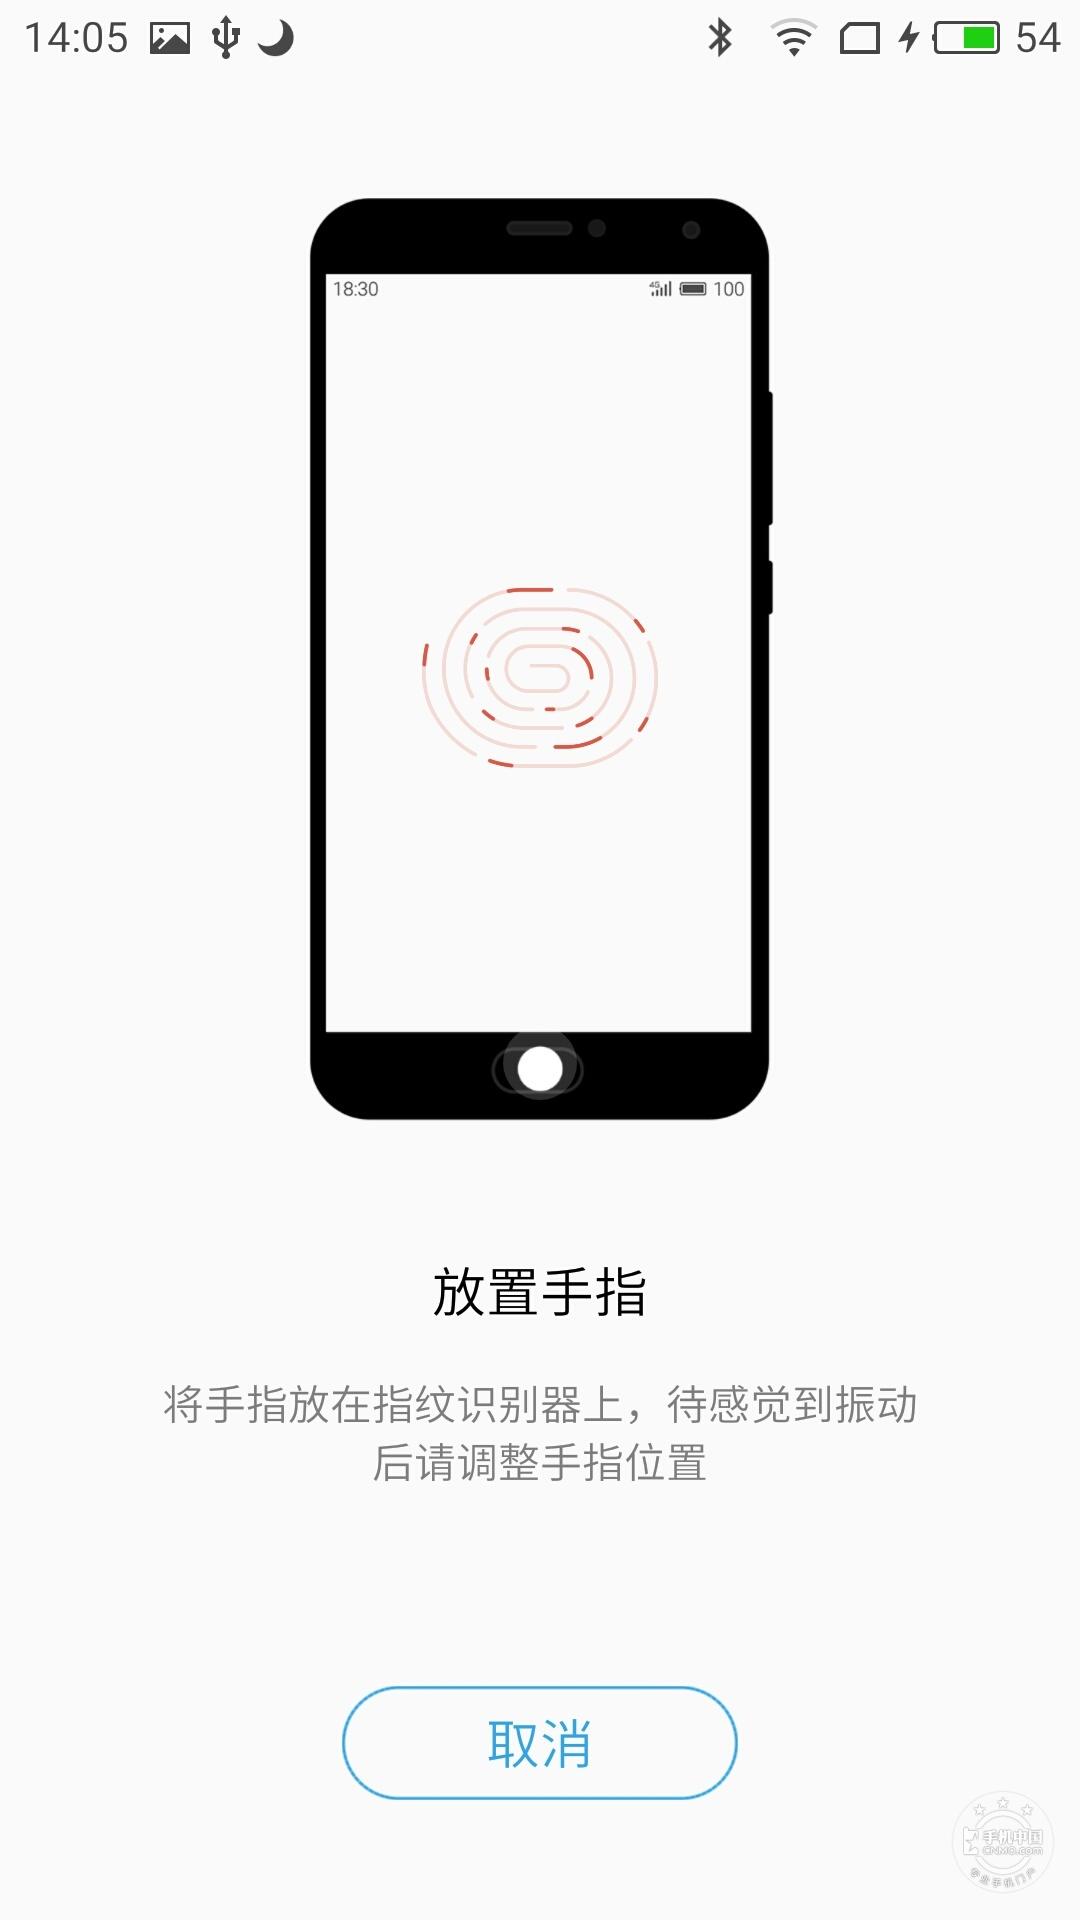 魅族PRO6s手机功能界面第7张